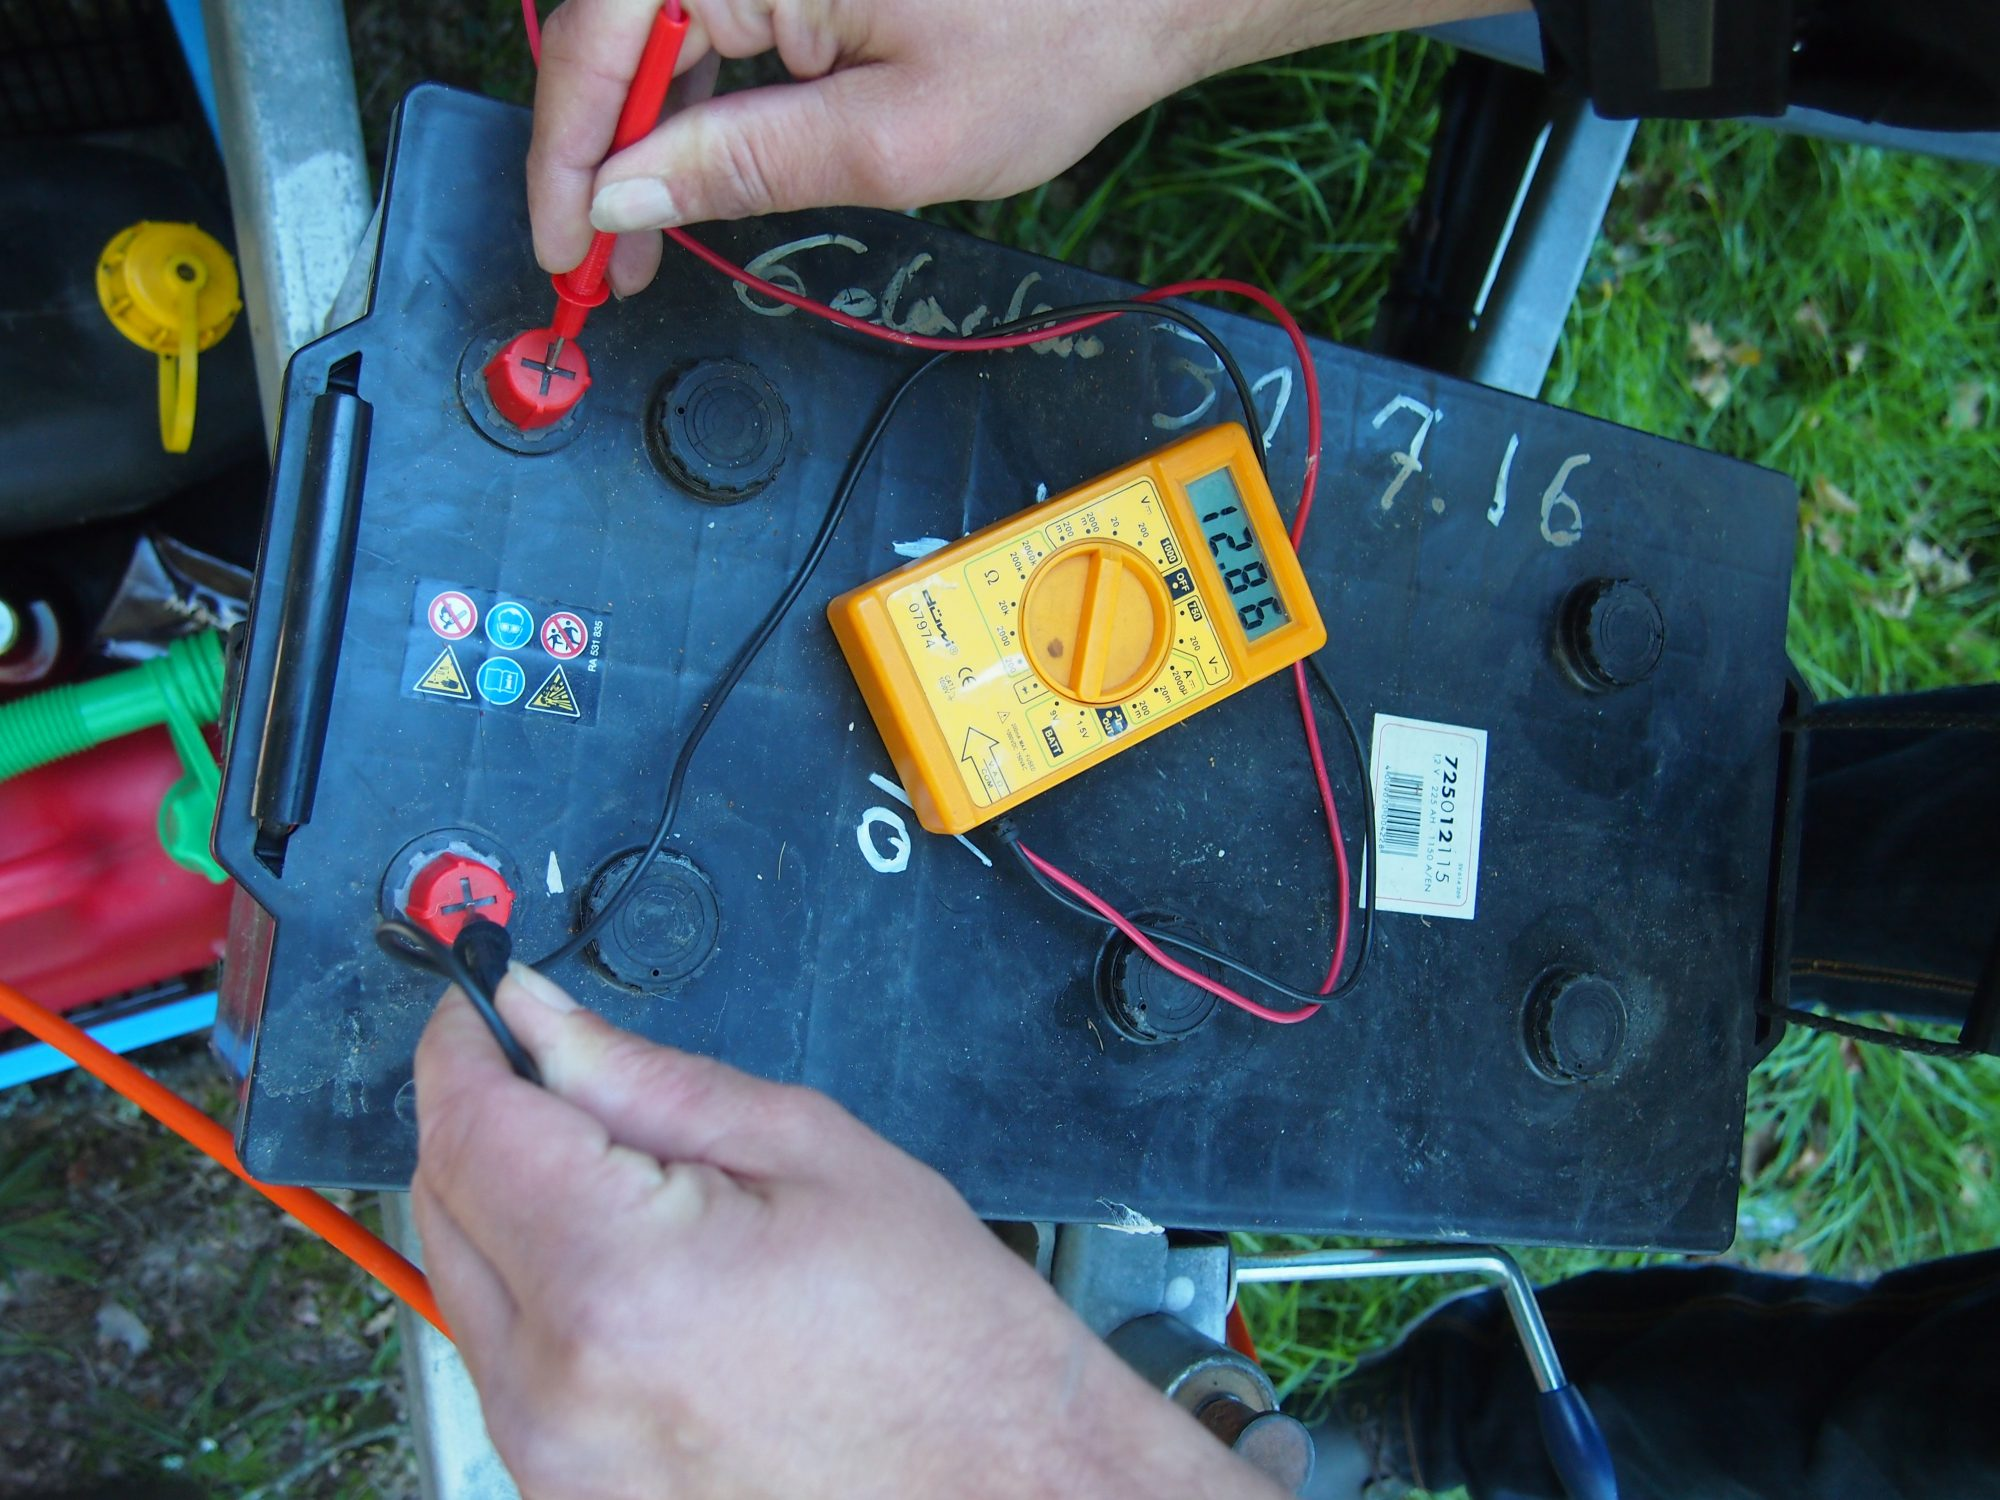 Strassenbahnbatterie